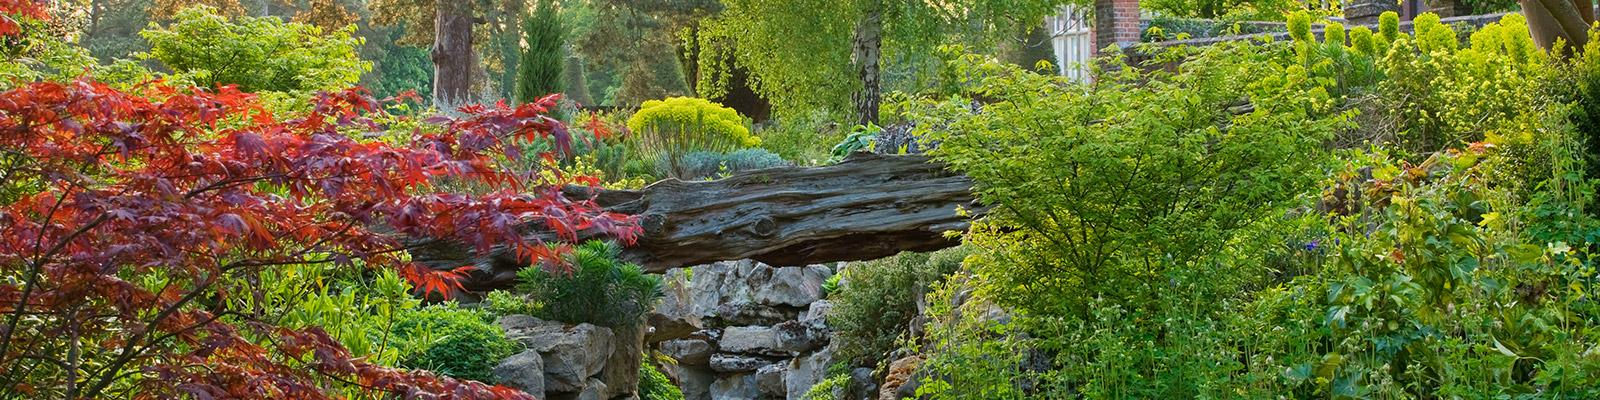 Doddington Place Gardens - Group Visits